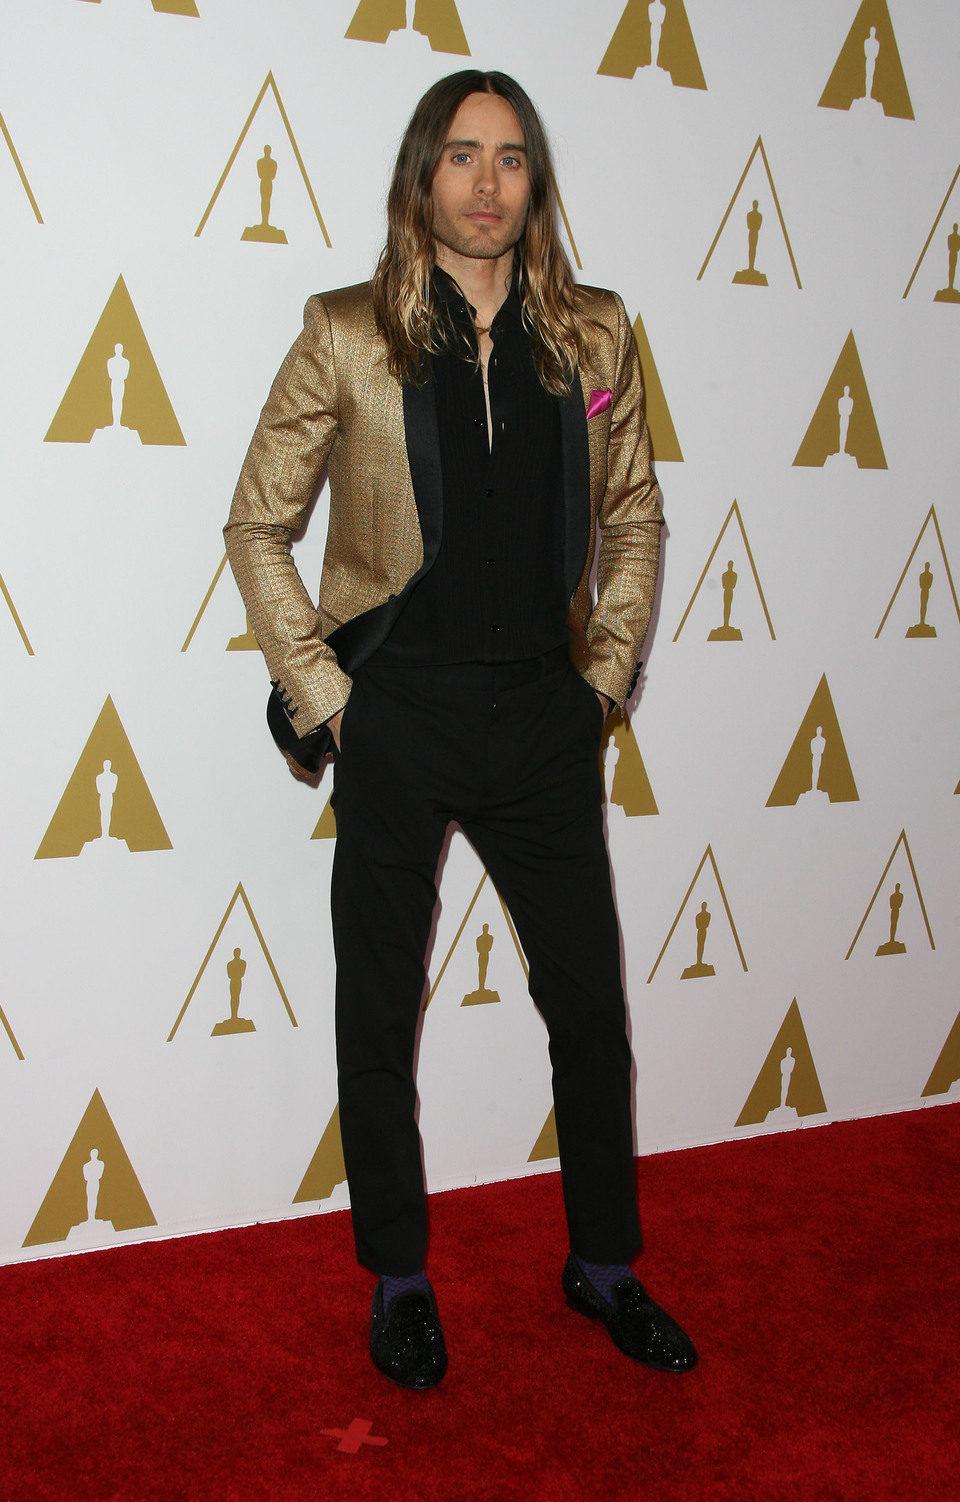 Jared Leto en el almuerzo de los nominados a los Premios Oscar 2014